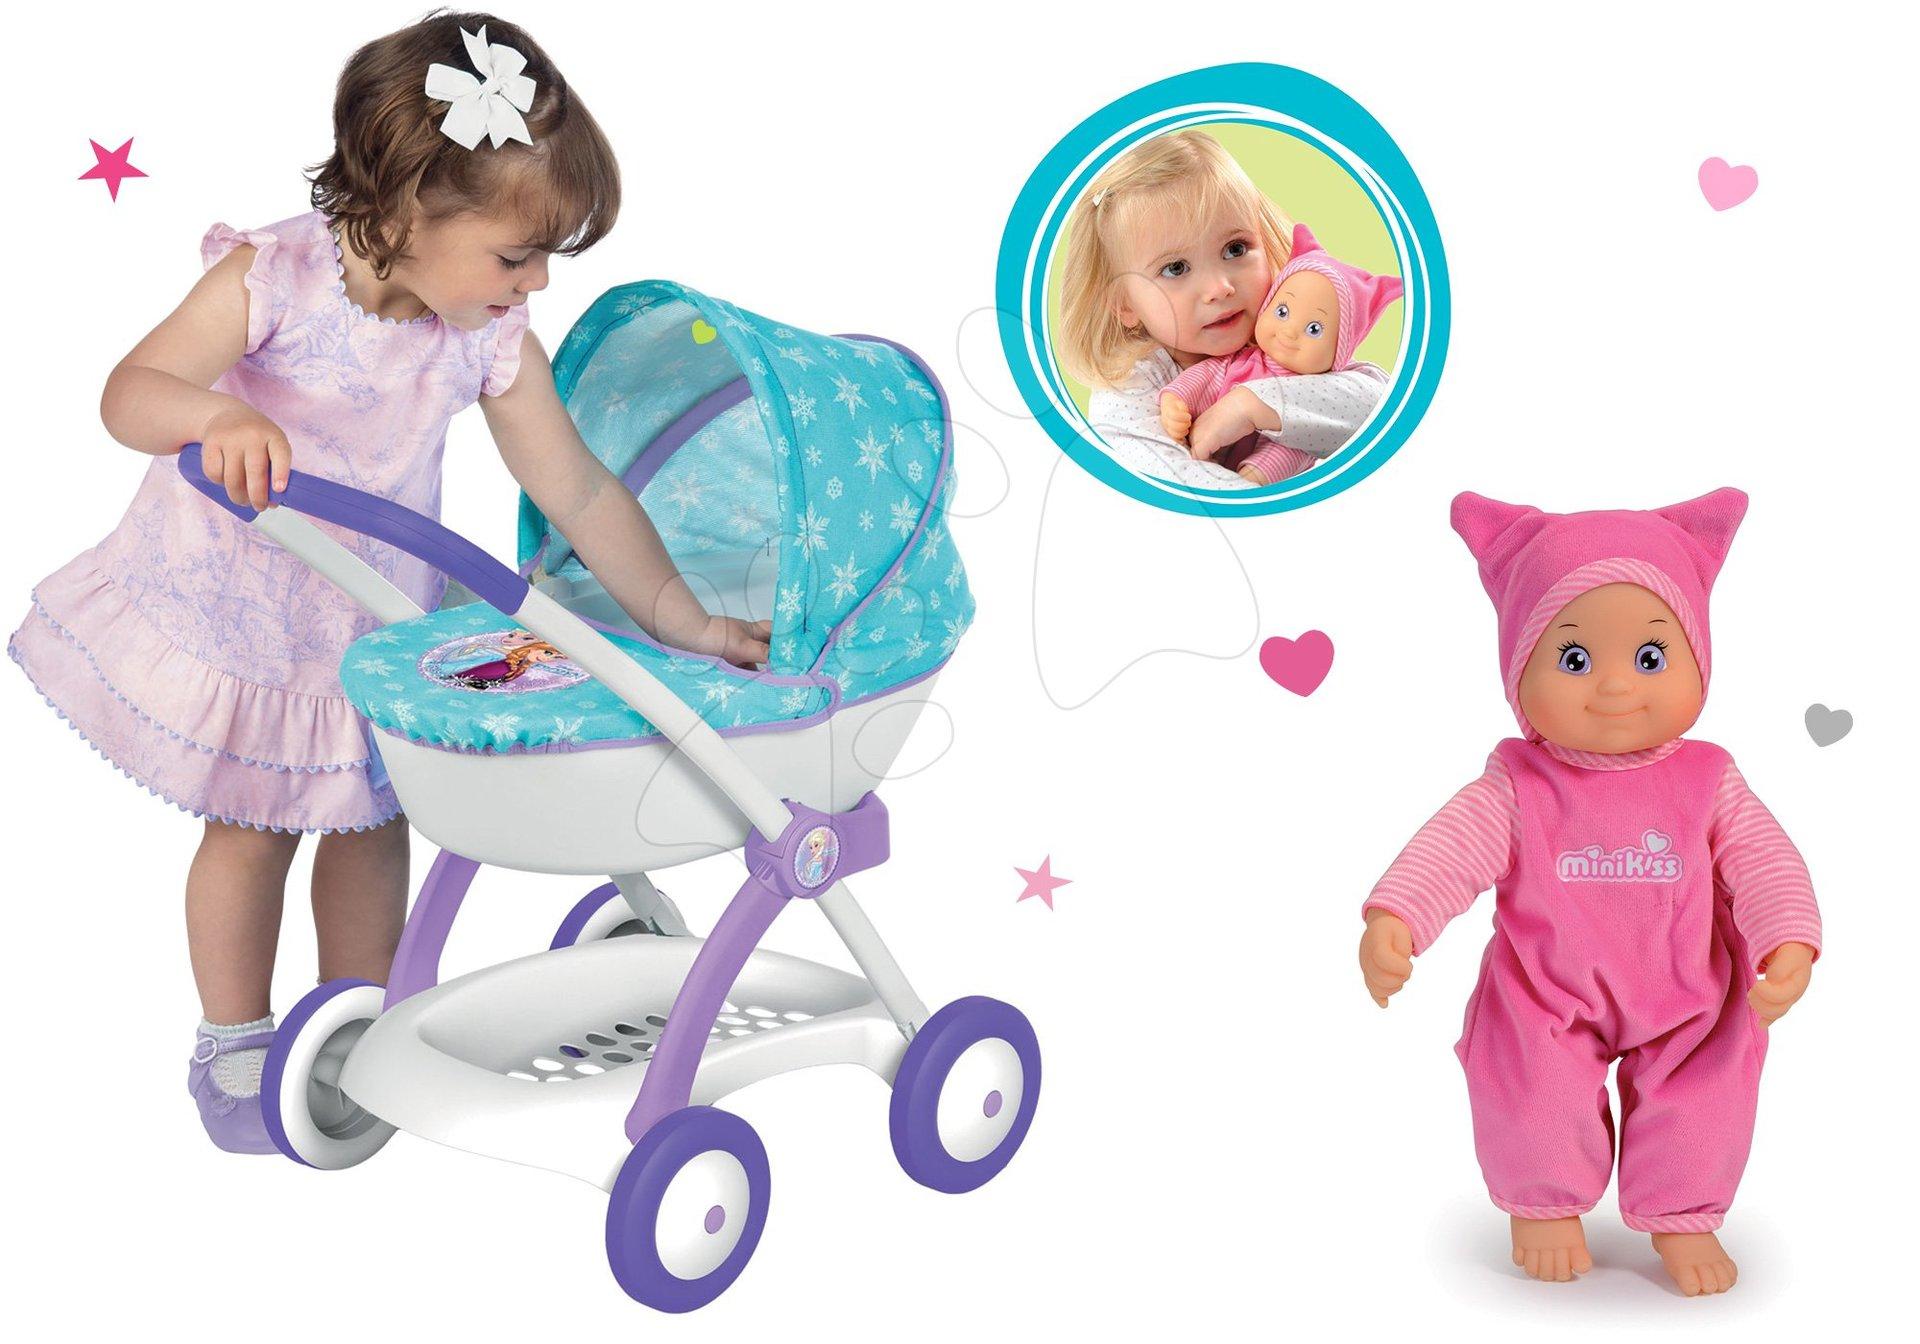 Komplet globoki voziček za 42 cm dojenčka Frozen Disney Smoby in dojenček Minikiss z zvokom rožnati